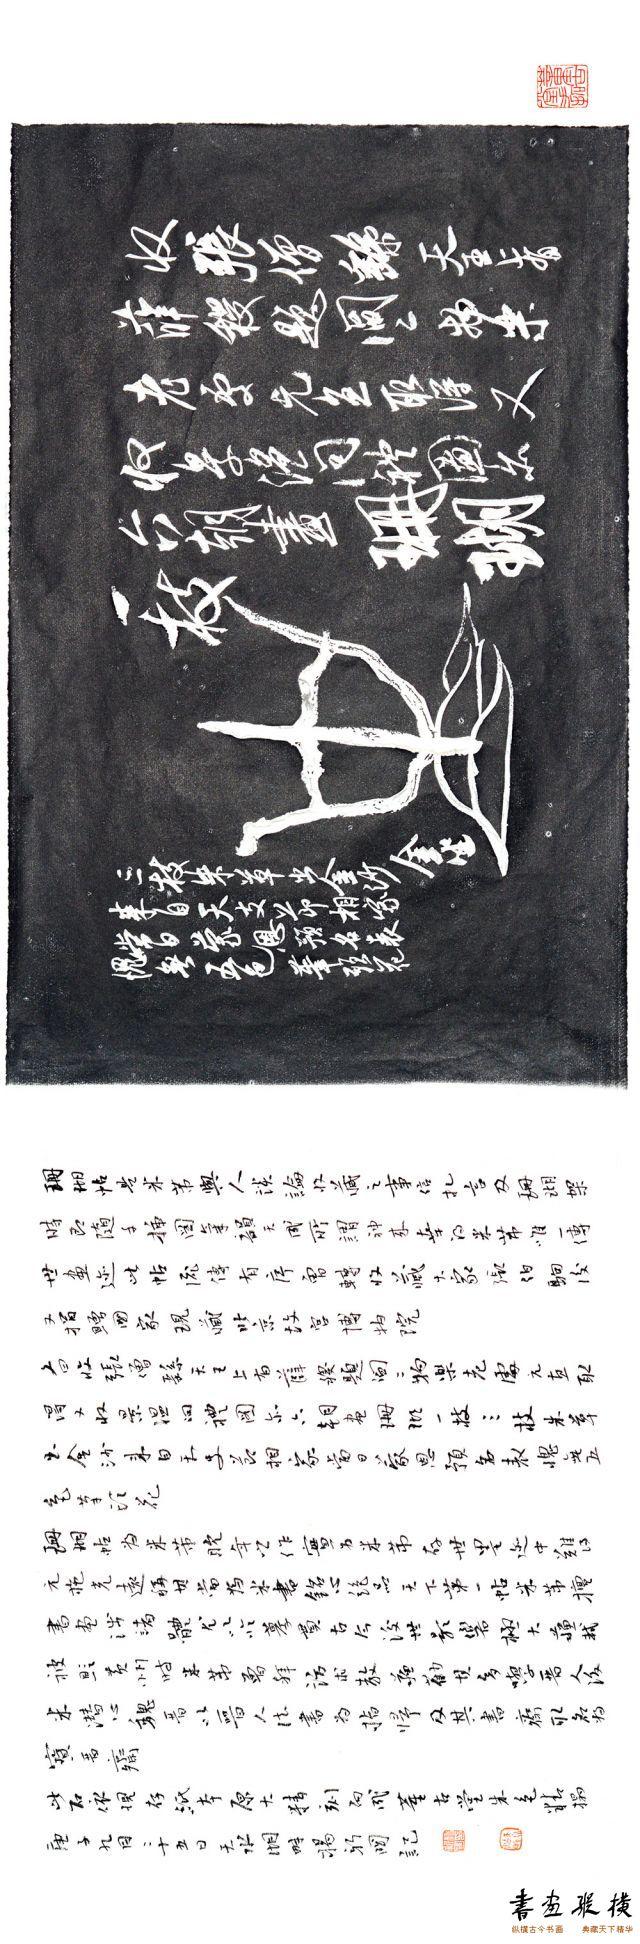 珊瑚帖用图(8)